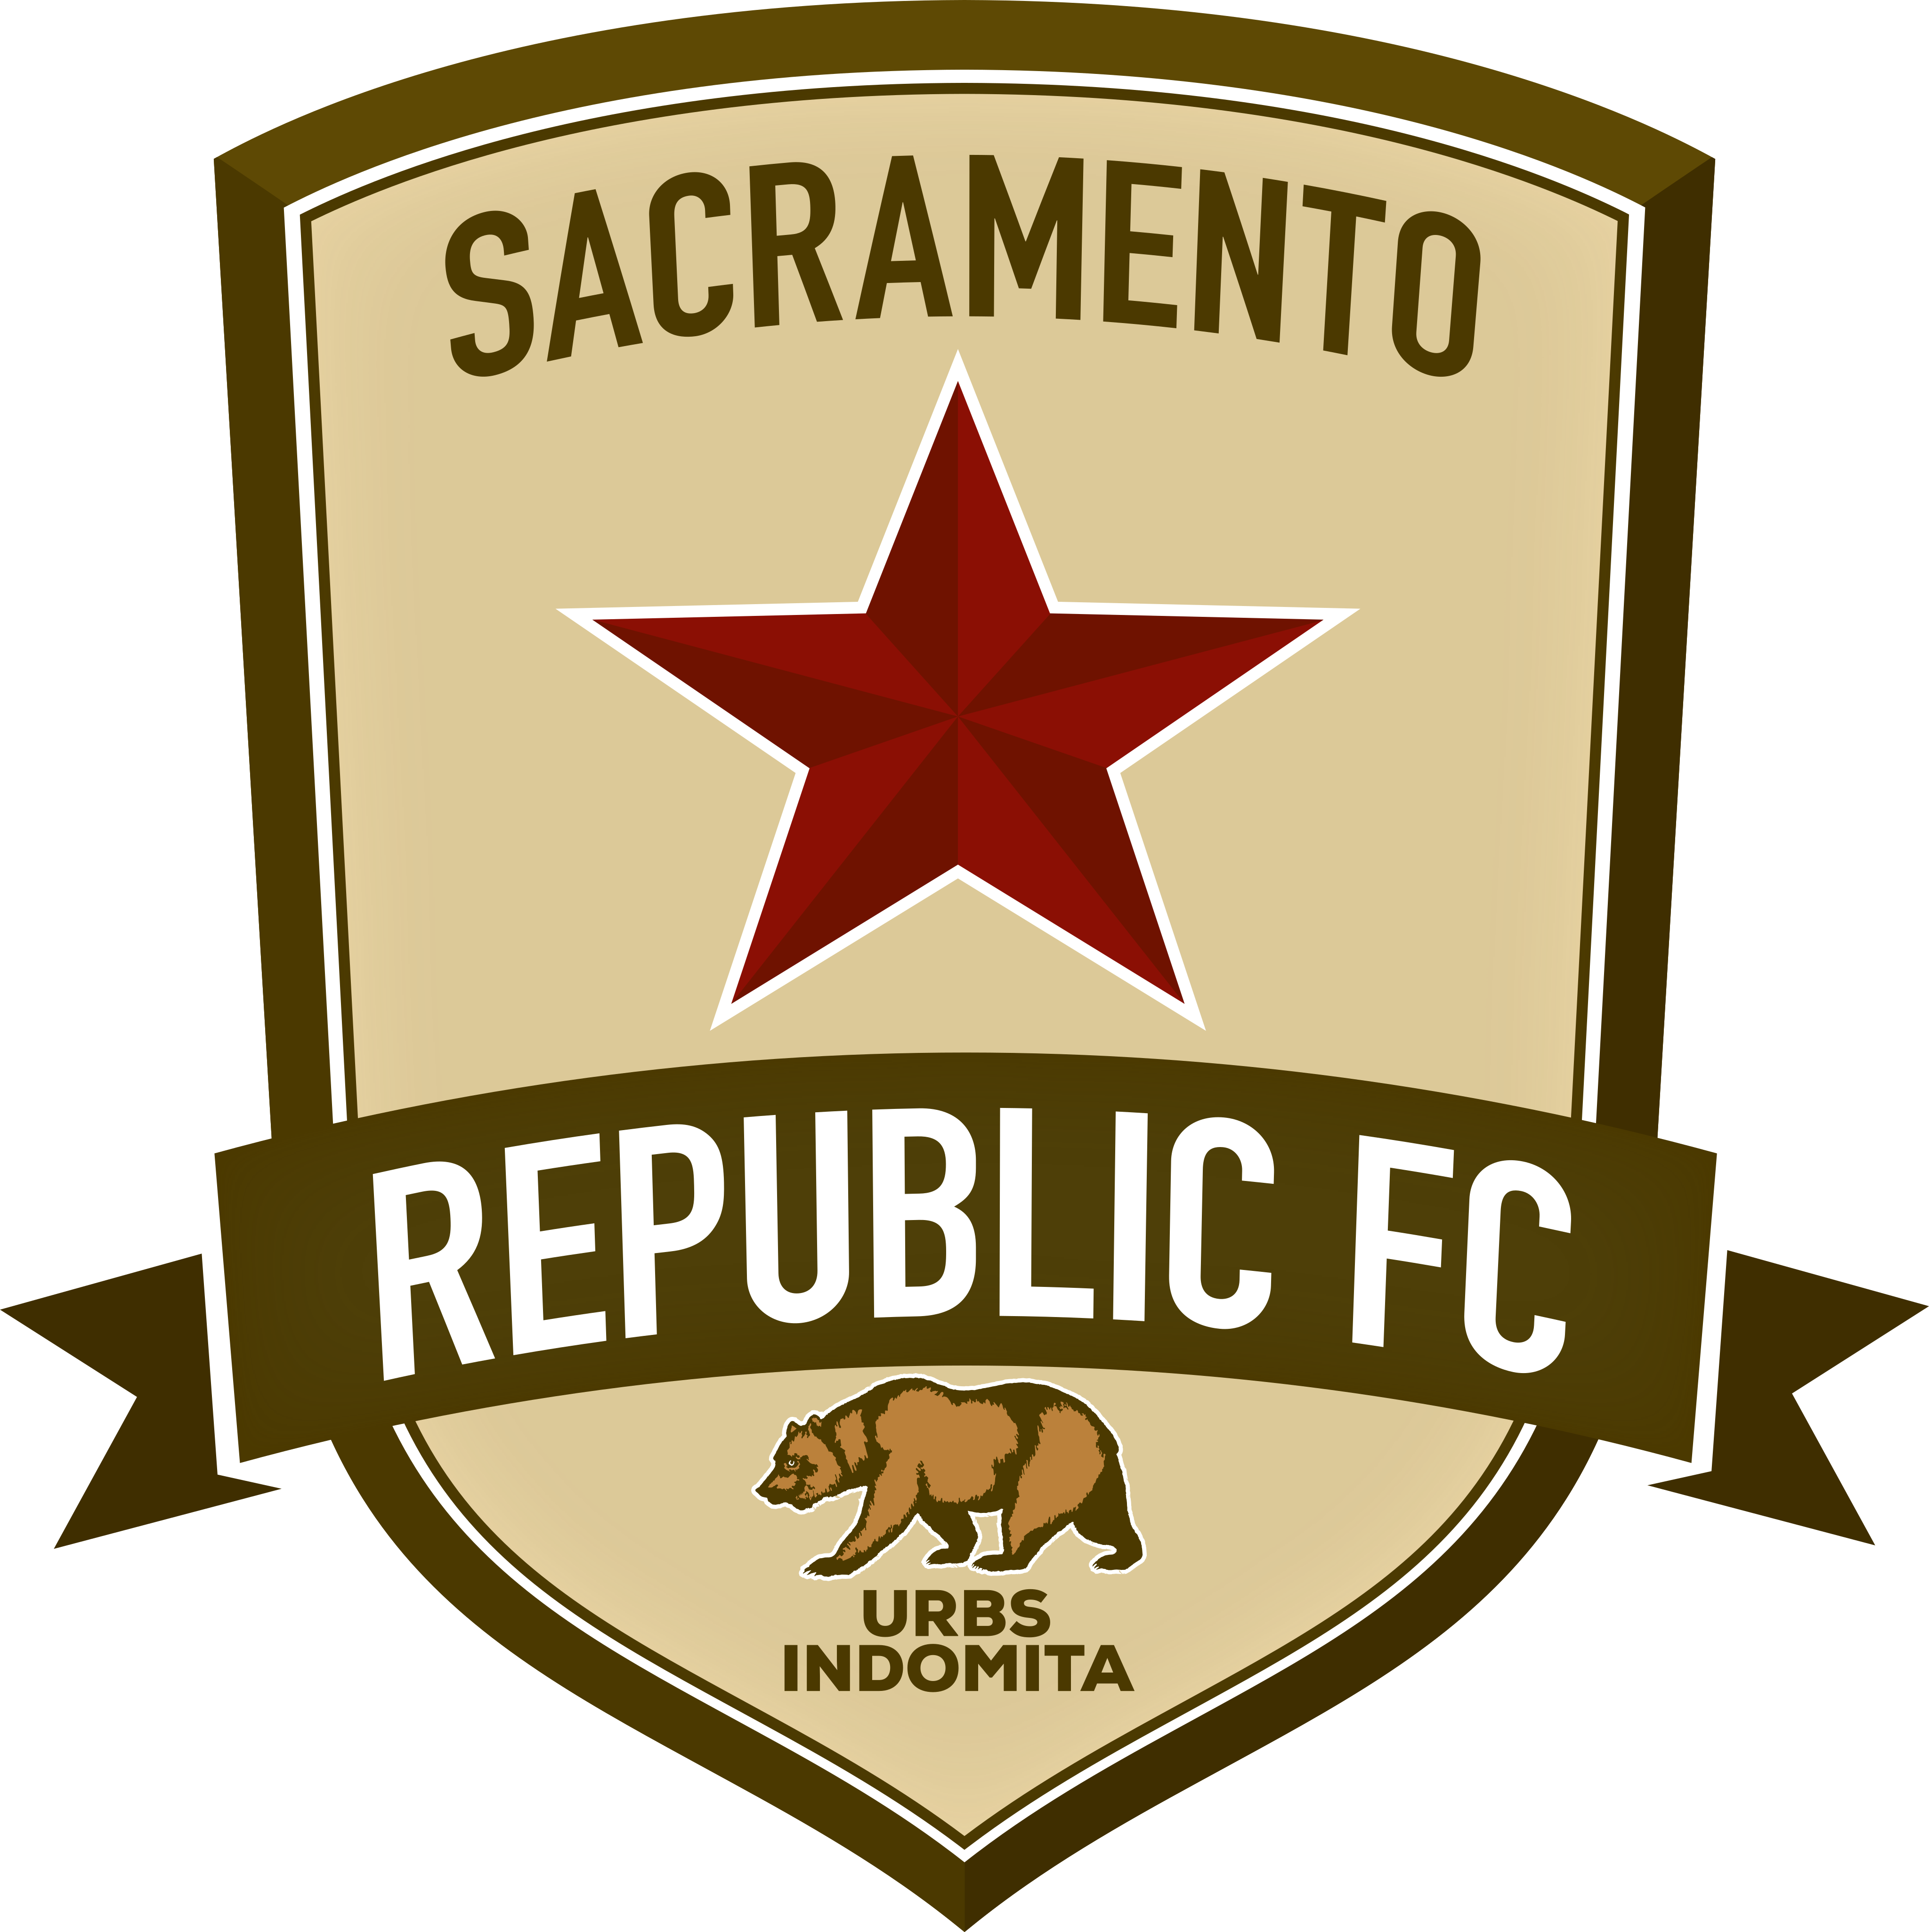 sacramento republic fc logo - Sacramento Republic FC Logo